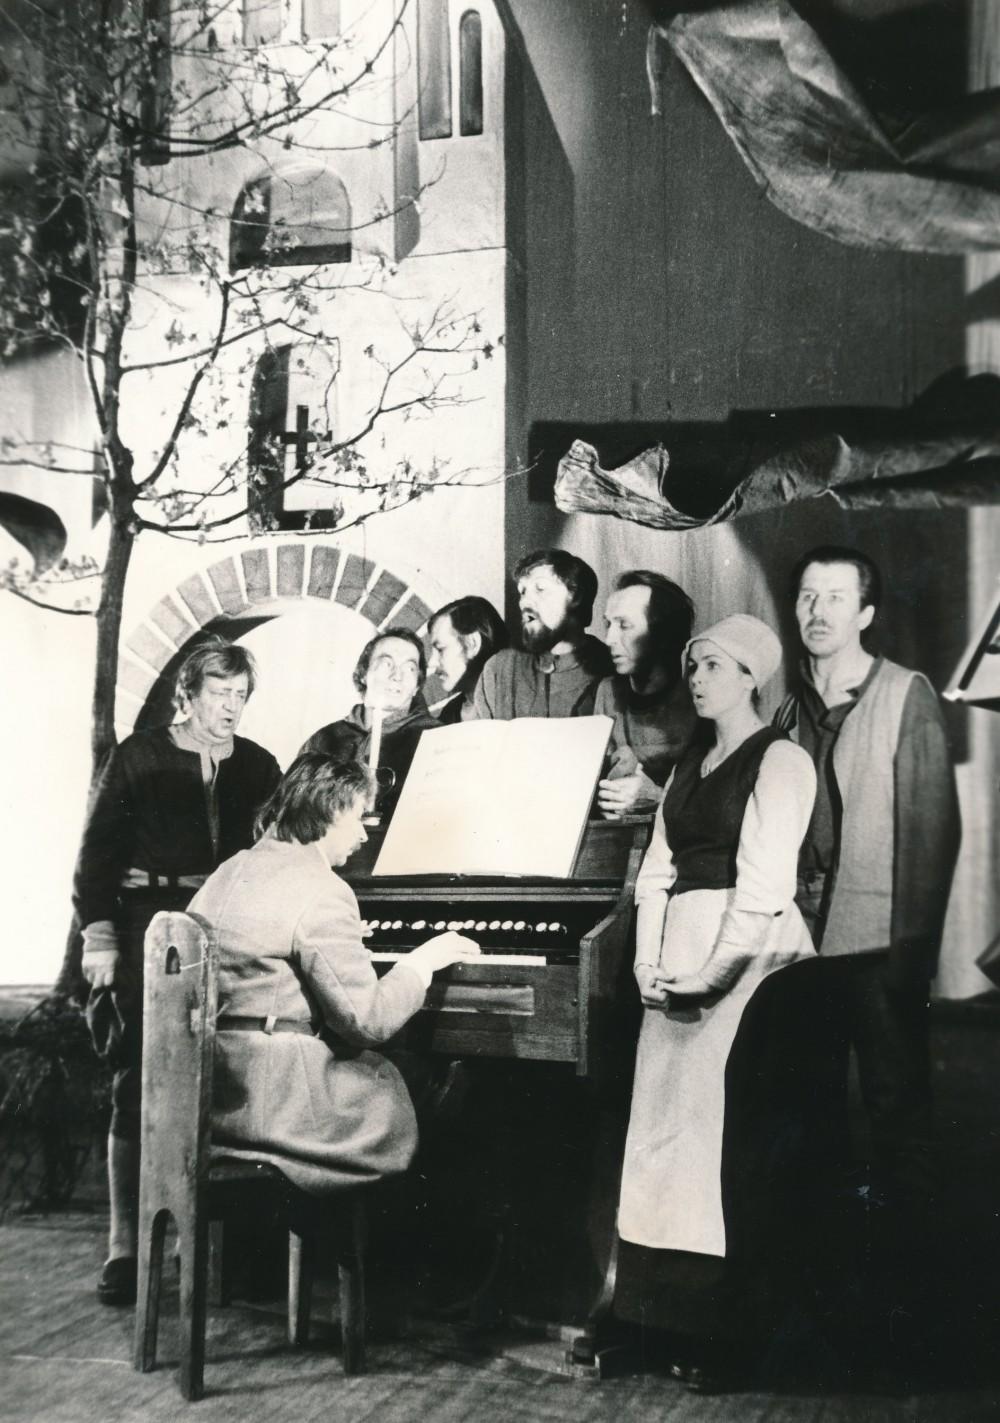 """Justino Marcinkevičiaus """"Mažvydo"""" pastatymas Klaipėdos dramos teatre (režisierius Povilas Gaidys). 1976 m."""